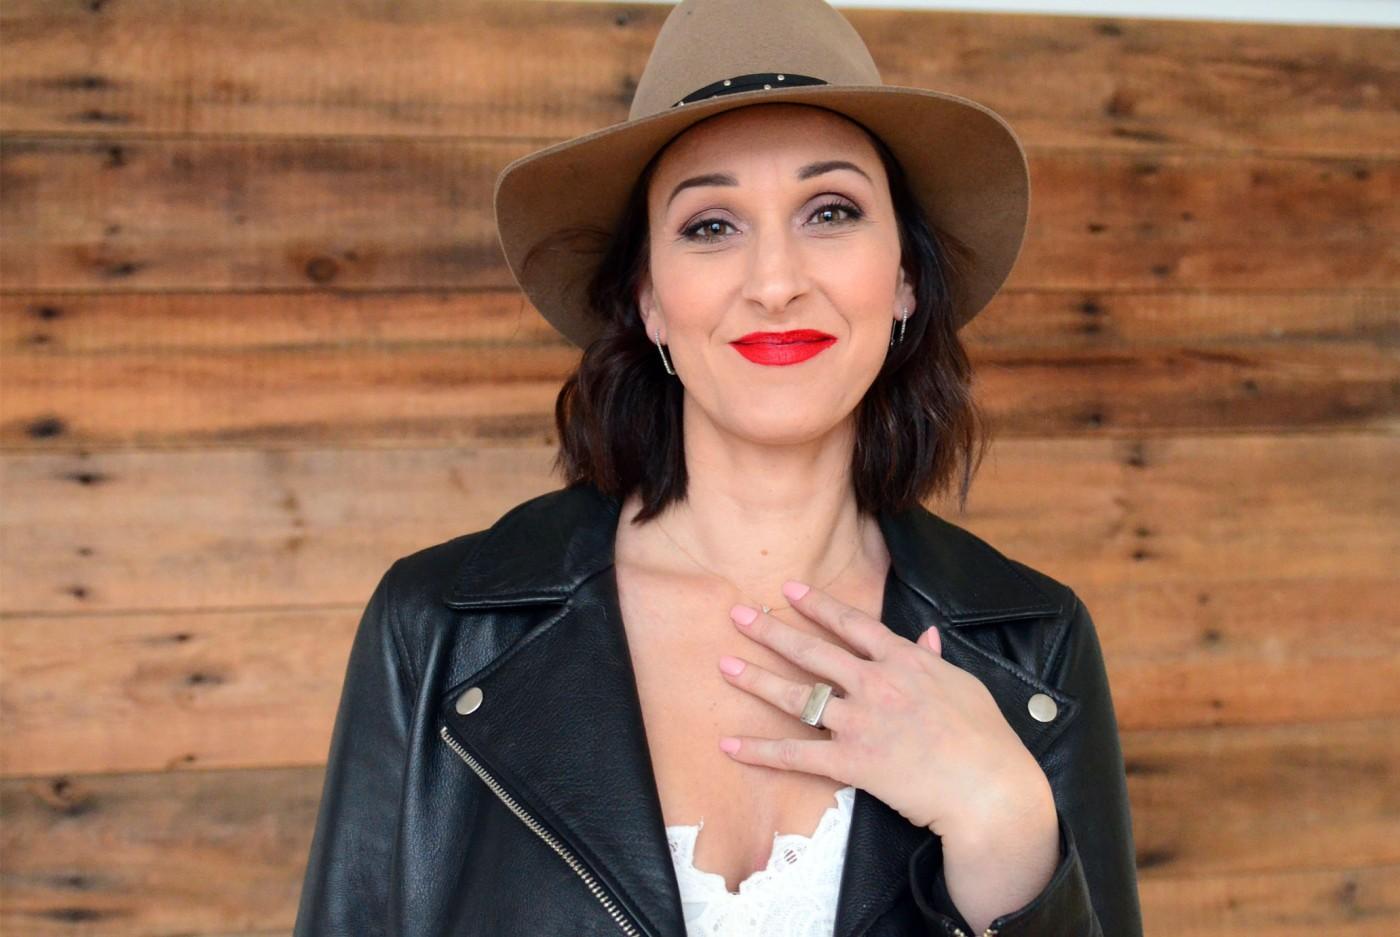 women-i-work-with-kristin-schroeder-brown-hat-red-lip